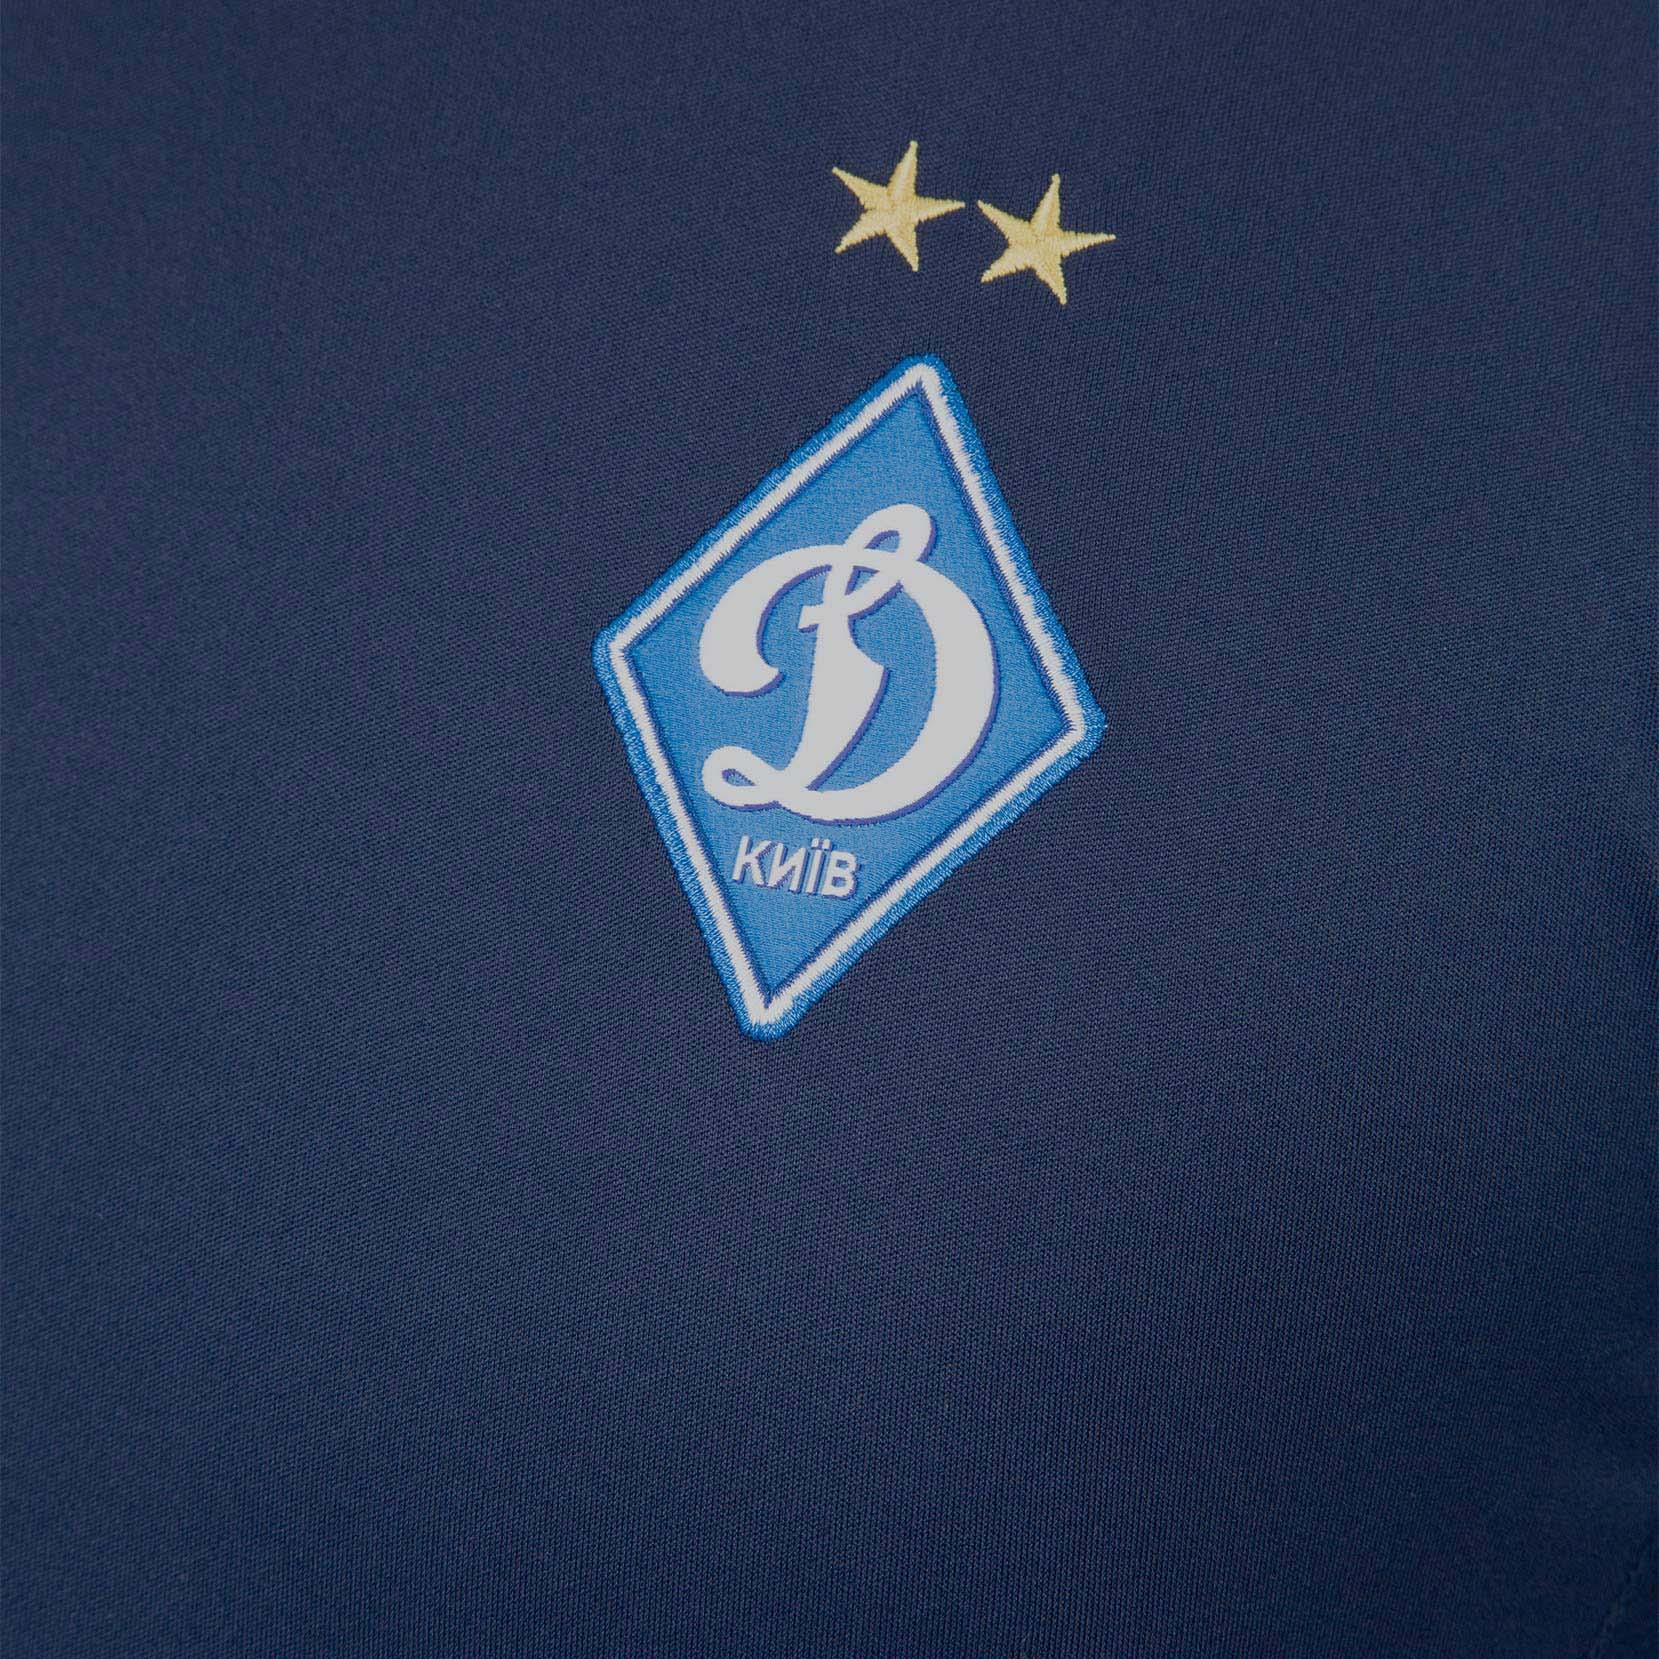 Футболка тренувальна ФК «Динамо» Київ для чоловіків EMT8022NV | New Balance